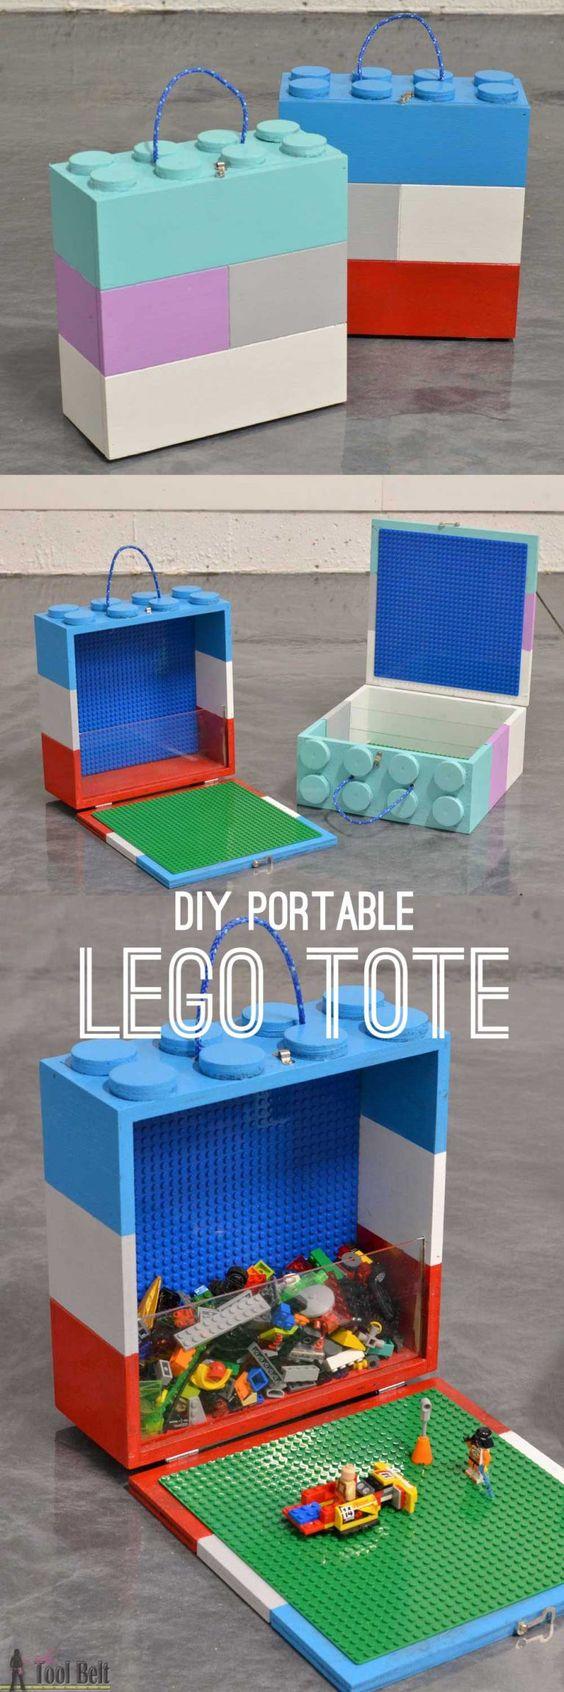 DIY Portable Lego Tote.